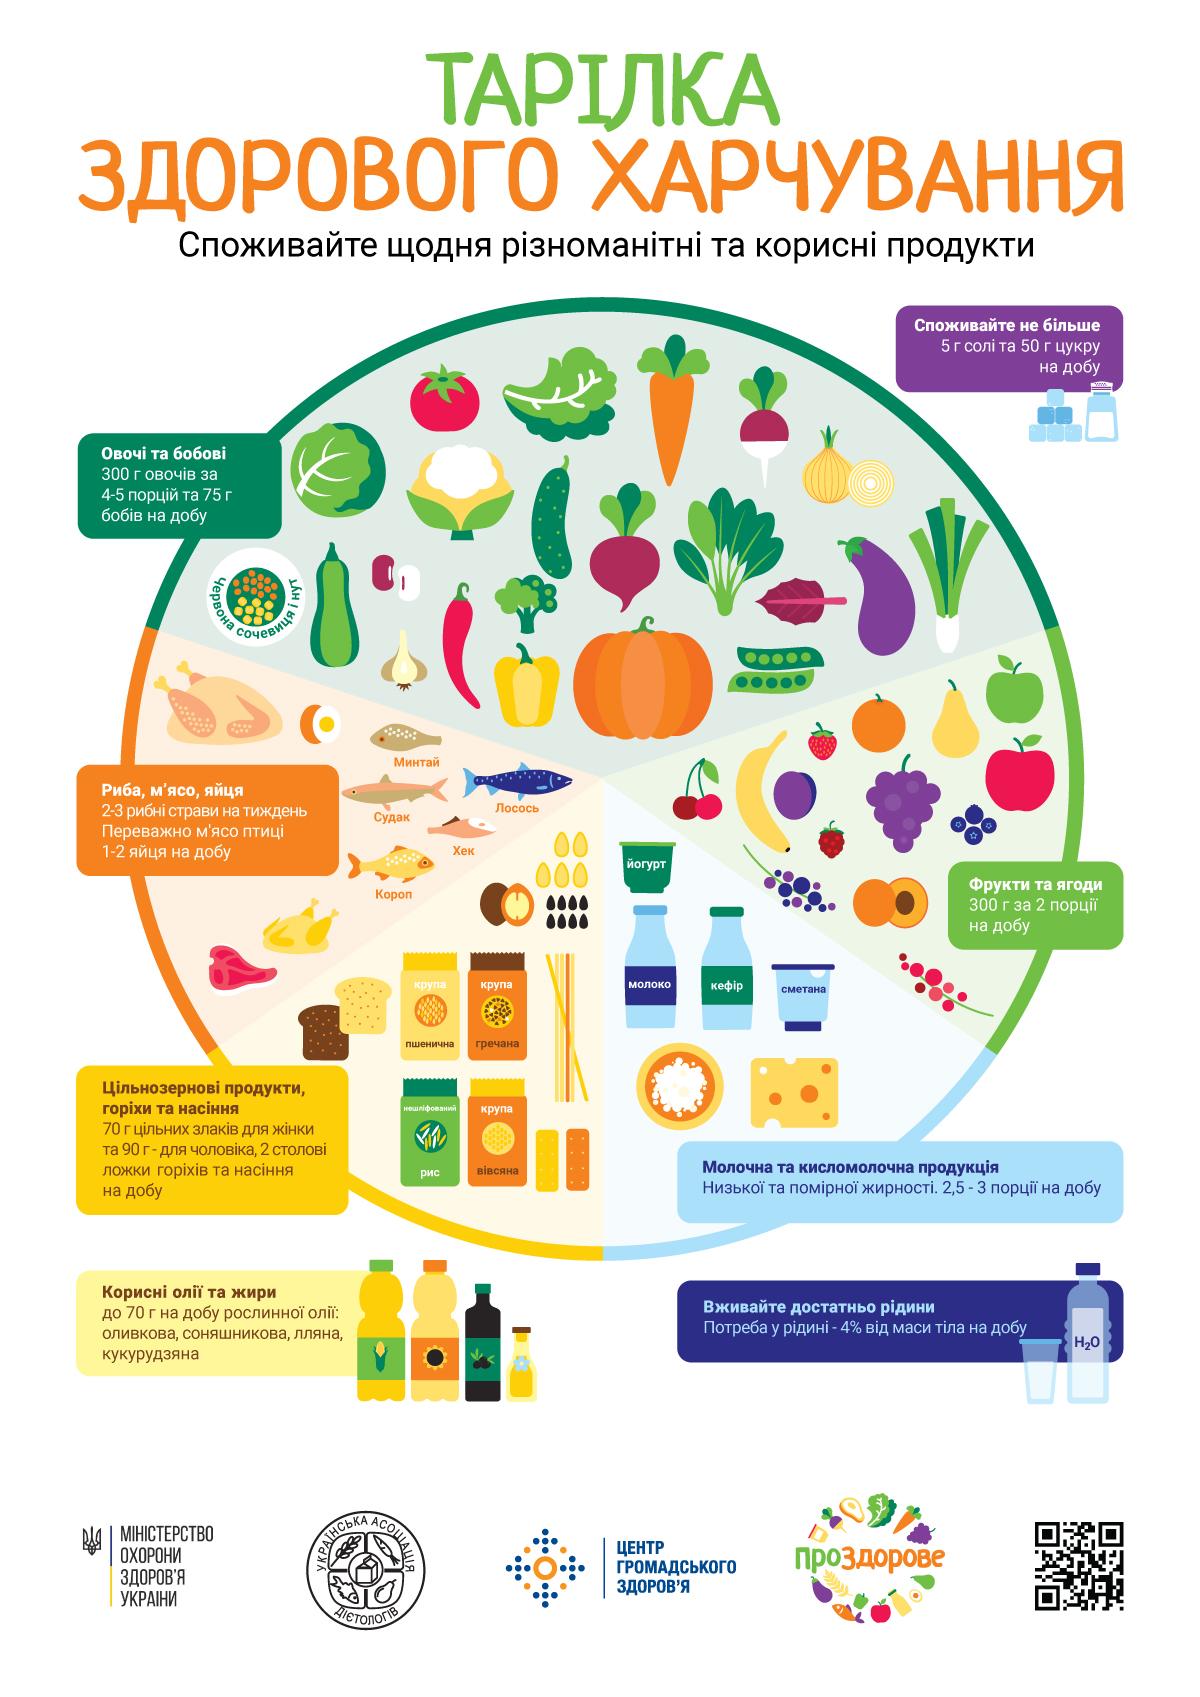 Тарілка здорового харчування від МОЗ